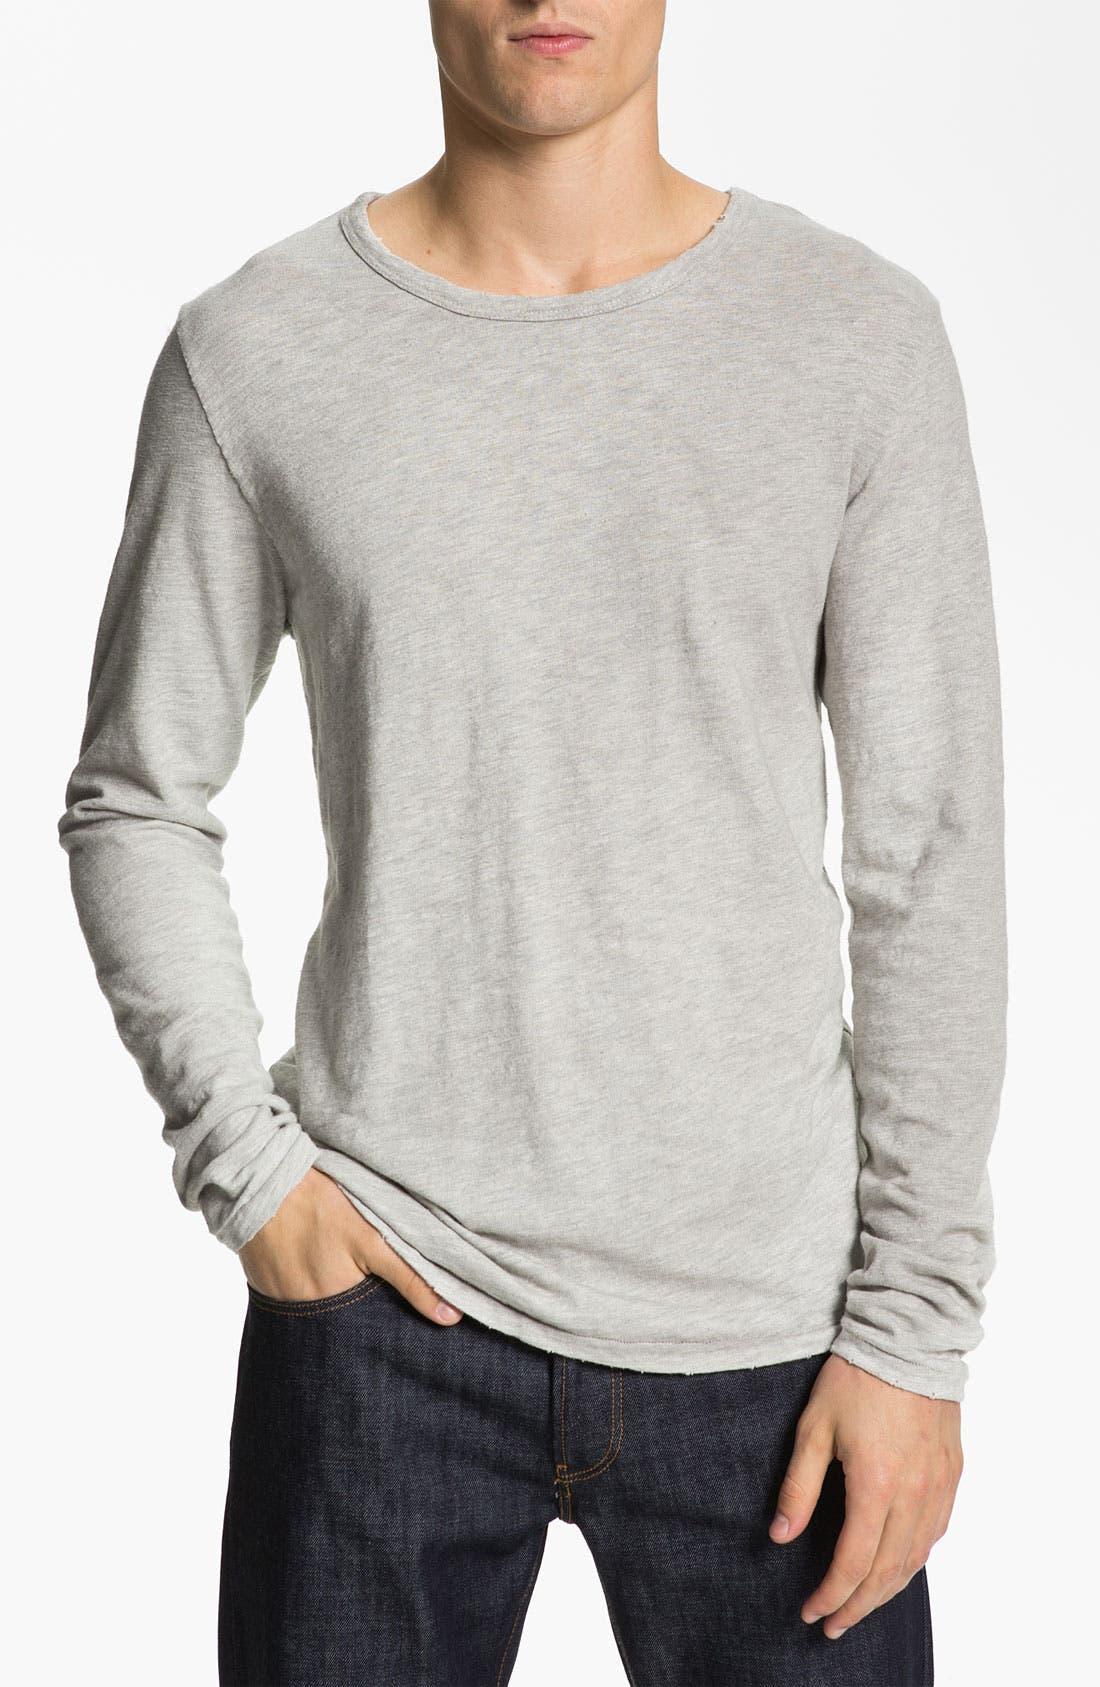 Penfield Vest, Scotch & Soda T-Shirt &  Lacoste L!VE Slim Straight Leg Jeans, Main, color, 020